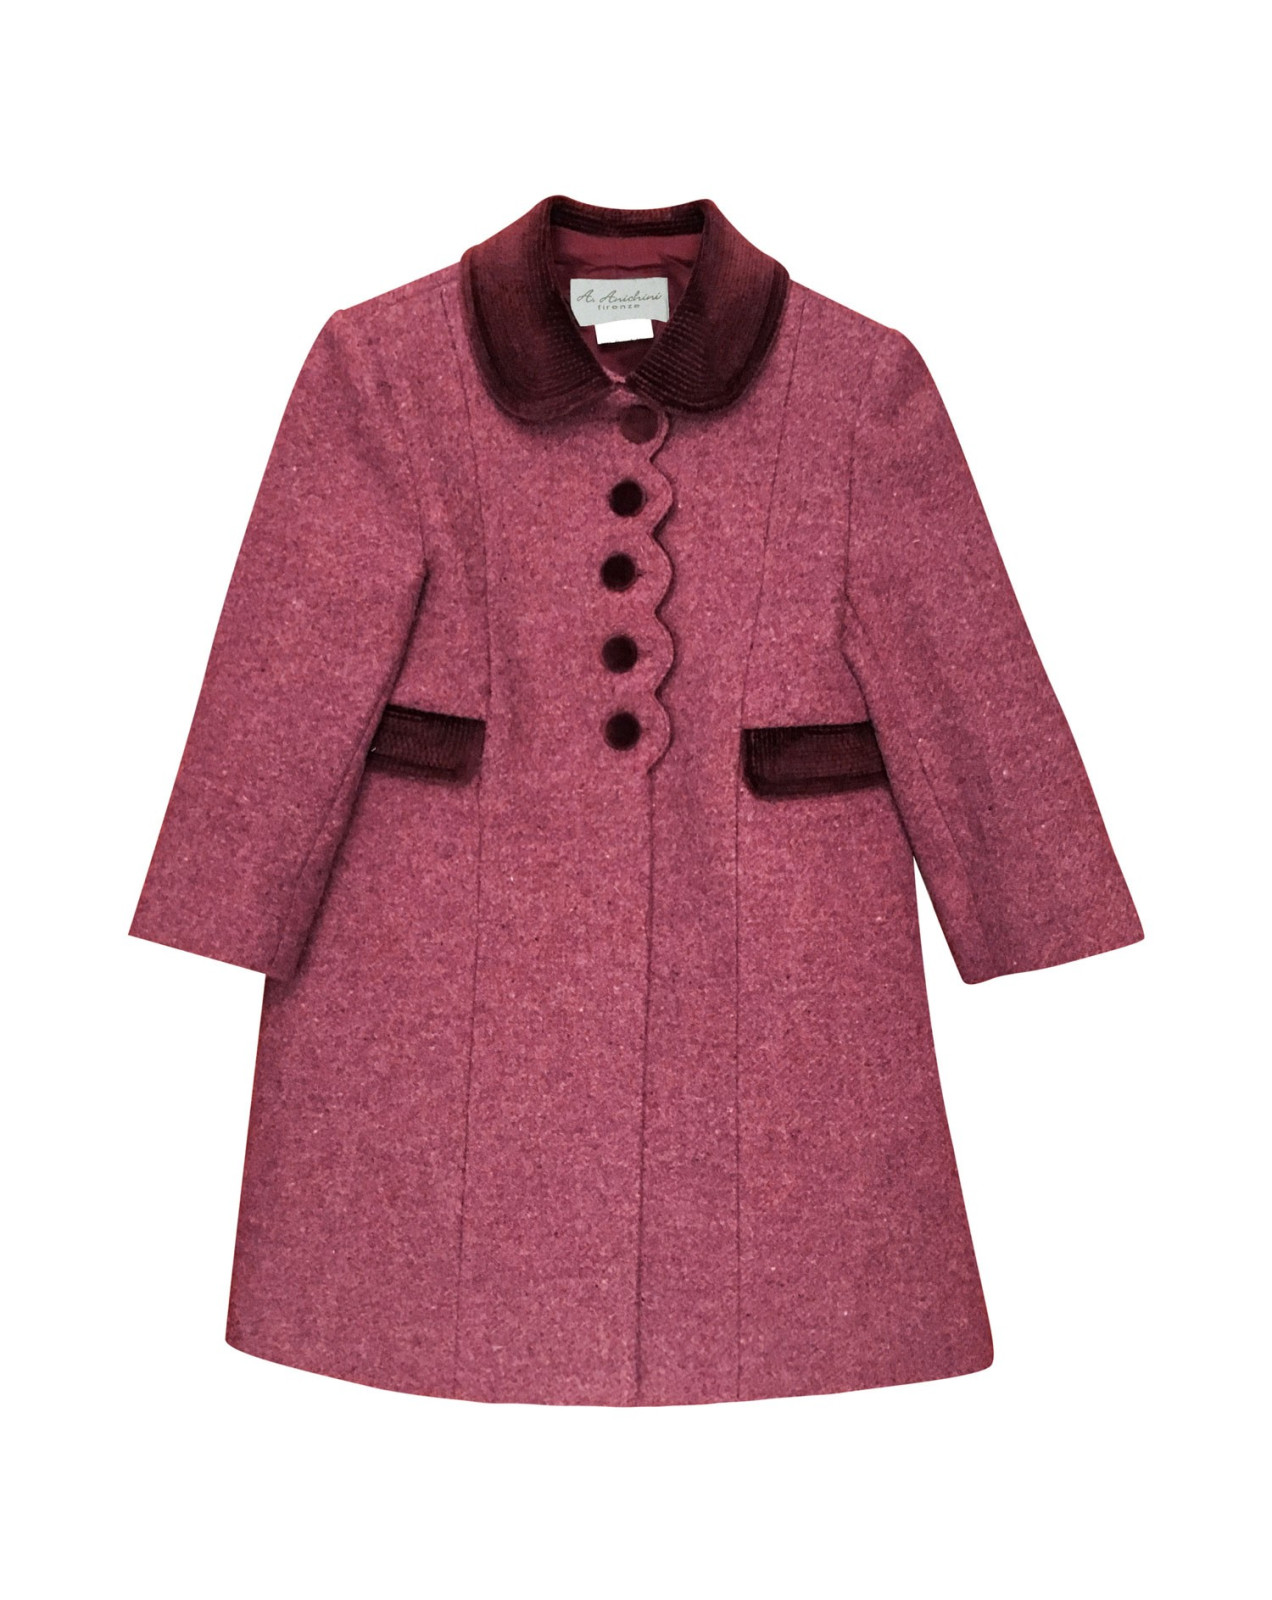 Laura girl winter coat, bordeaux